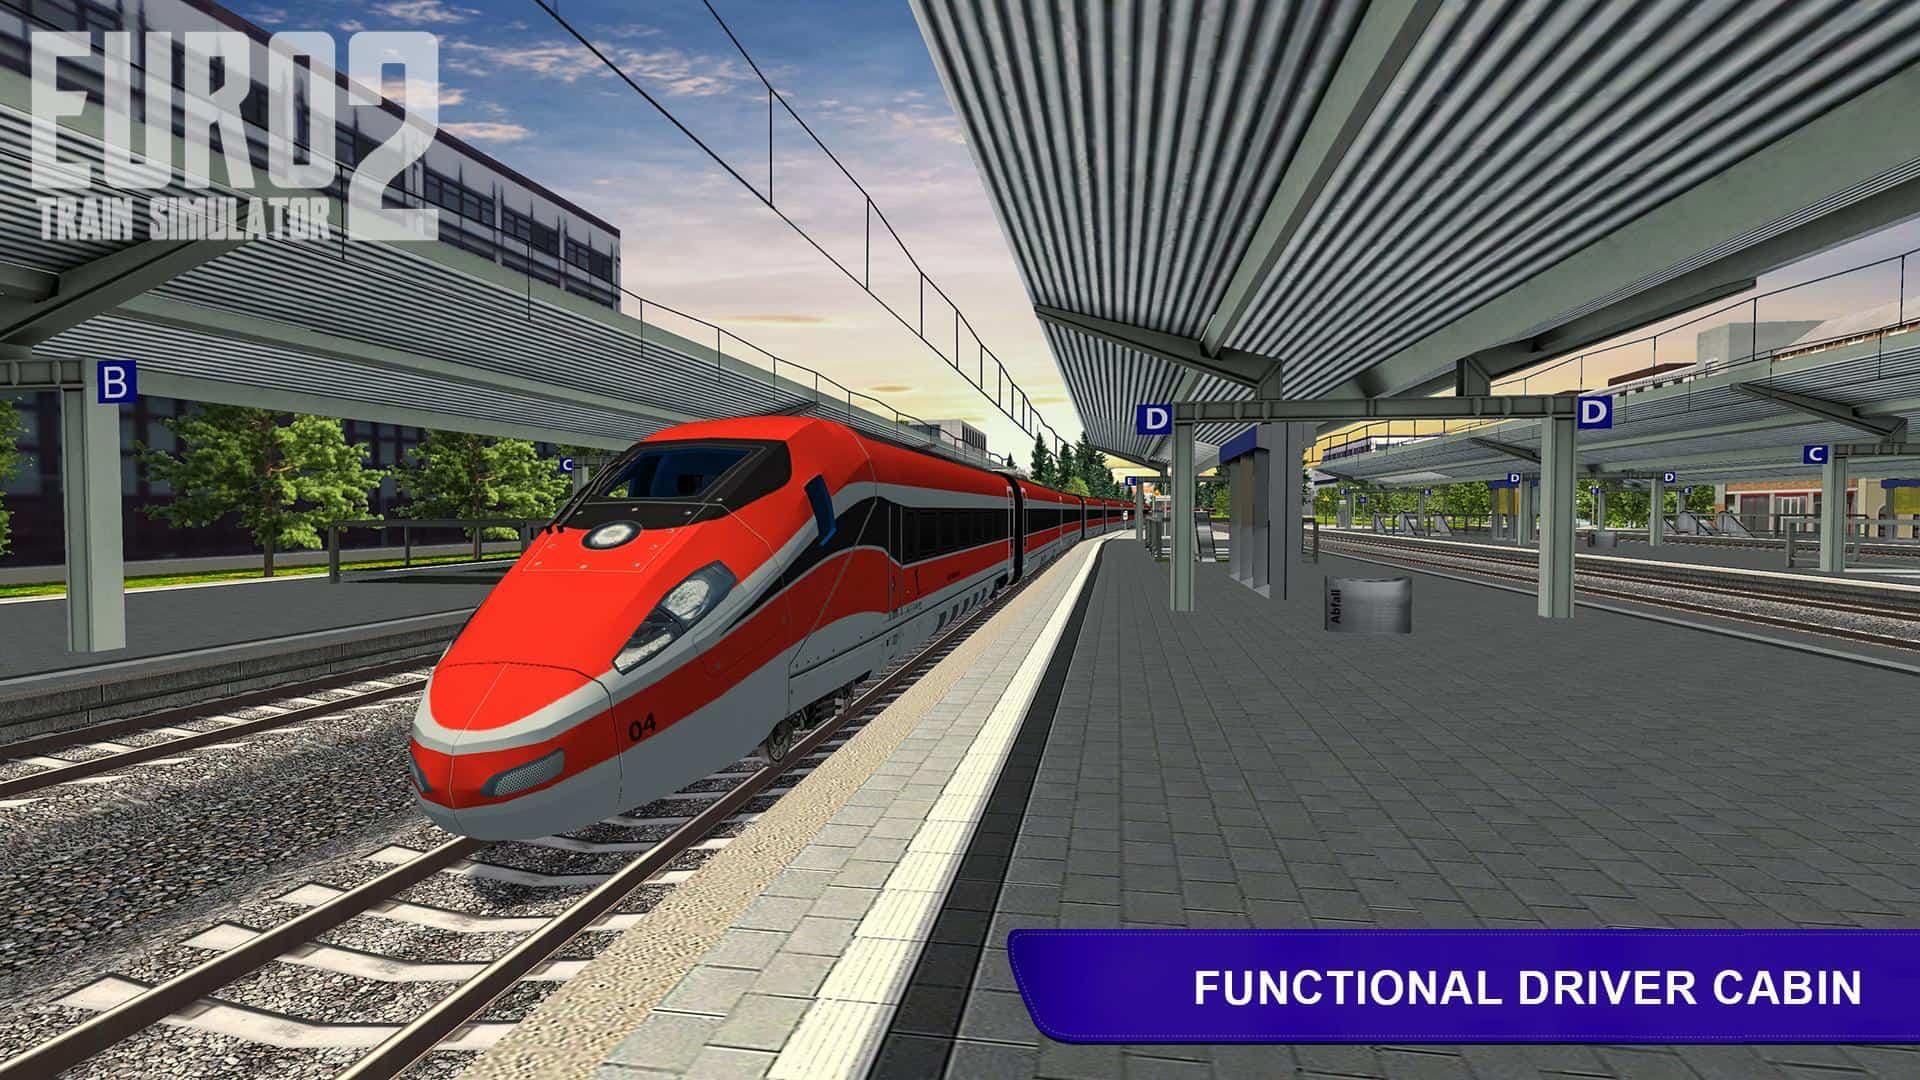 تحميل لعبة القطار Euro Train Simulator 2 للاندرويد